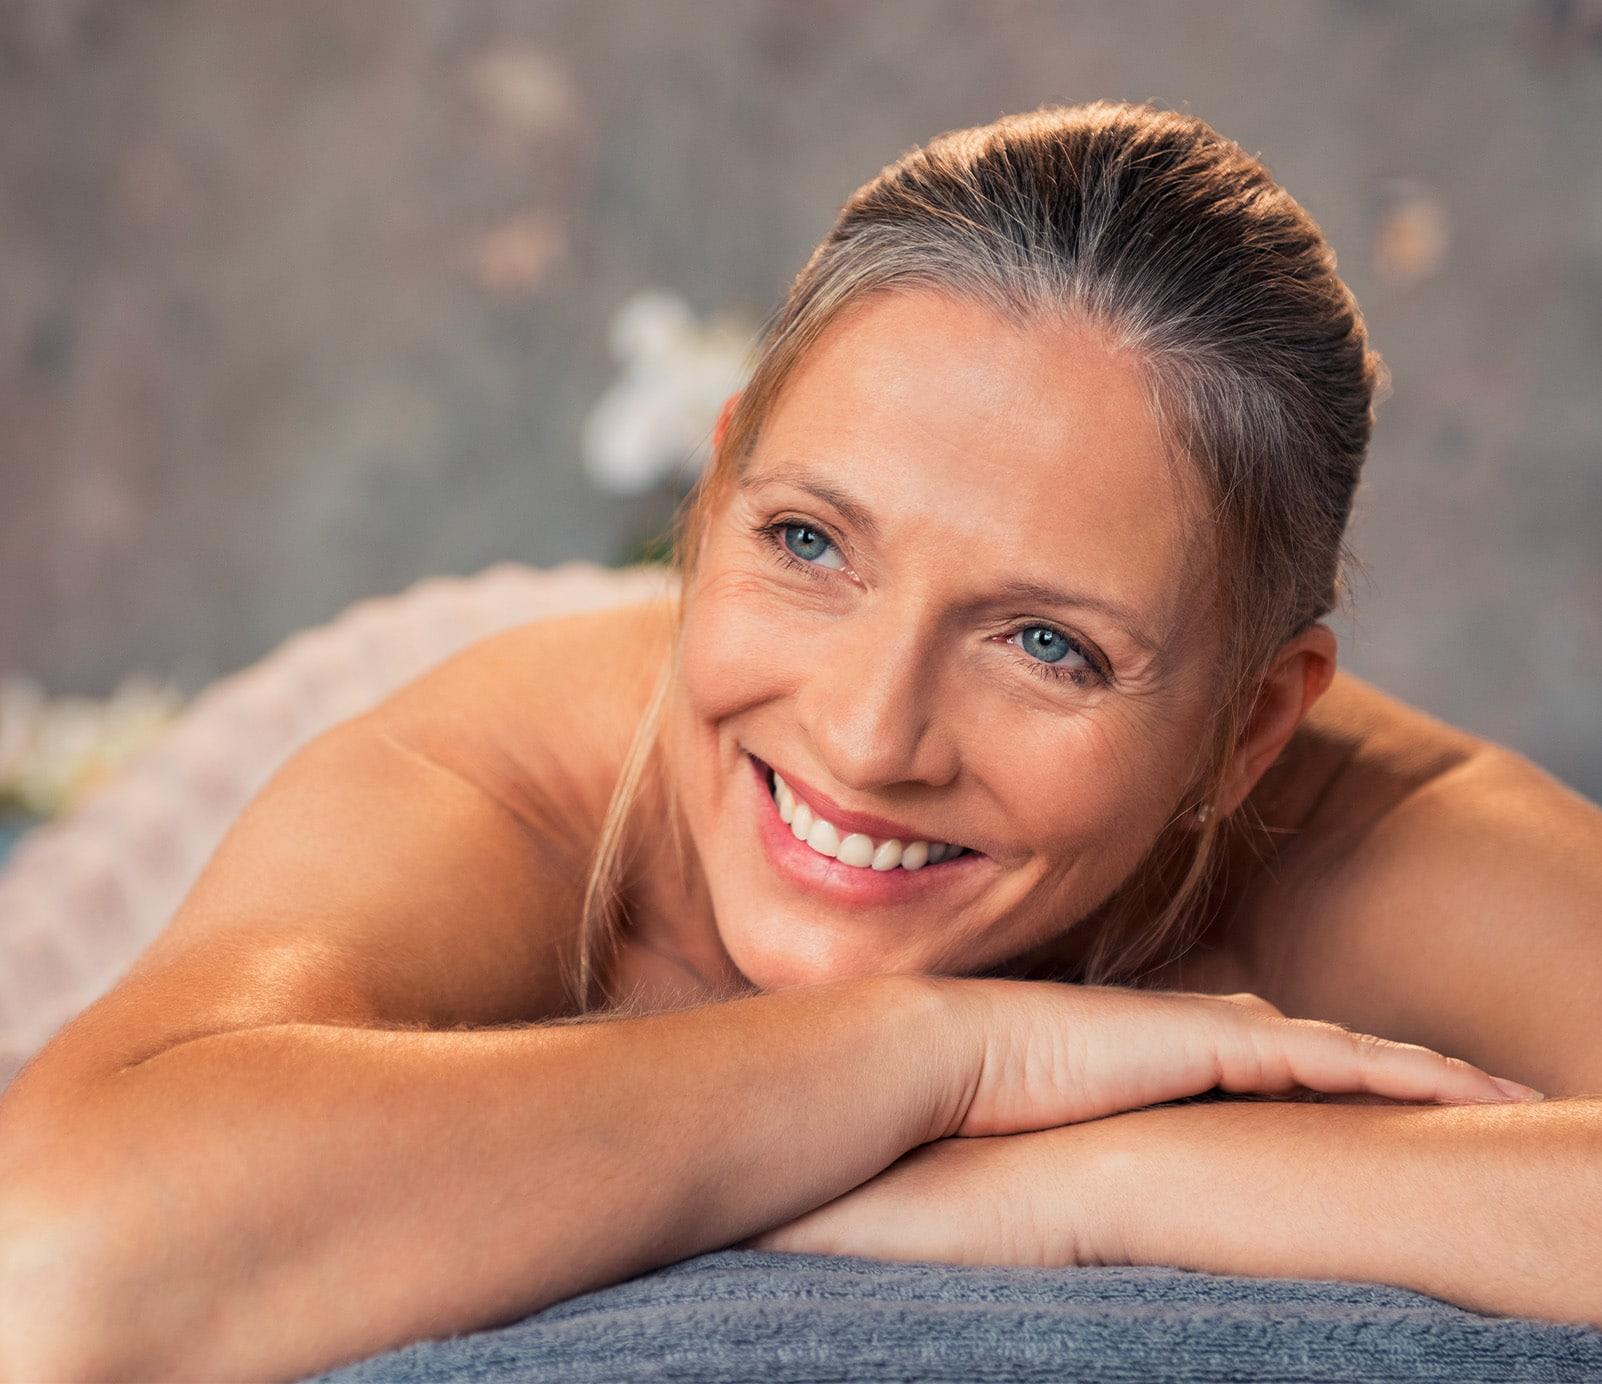 Rituel jeunesse : Massage anti-âge | découvrez le prix de cette technique à Paris | BCBG